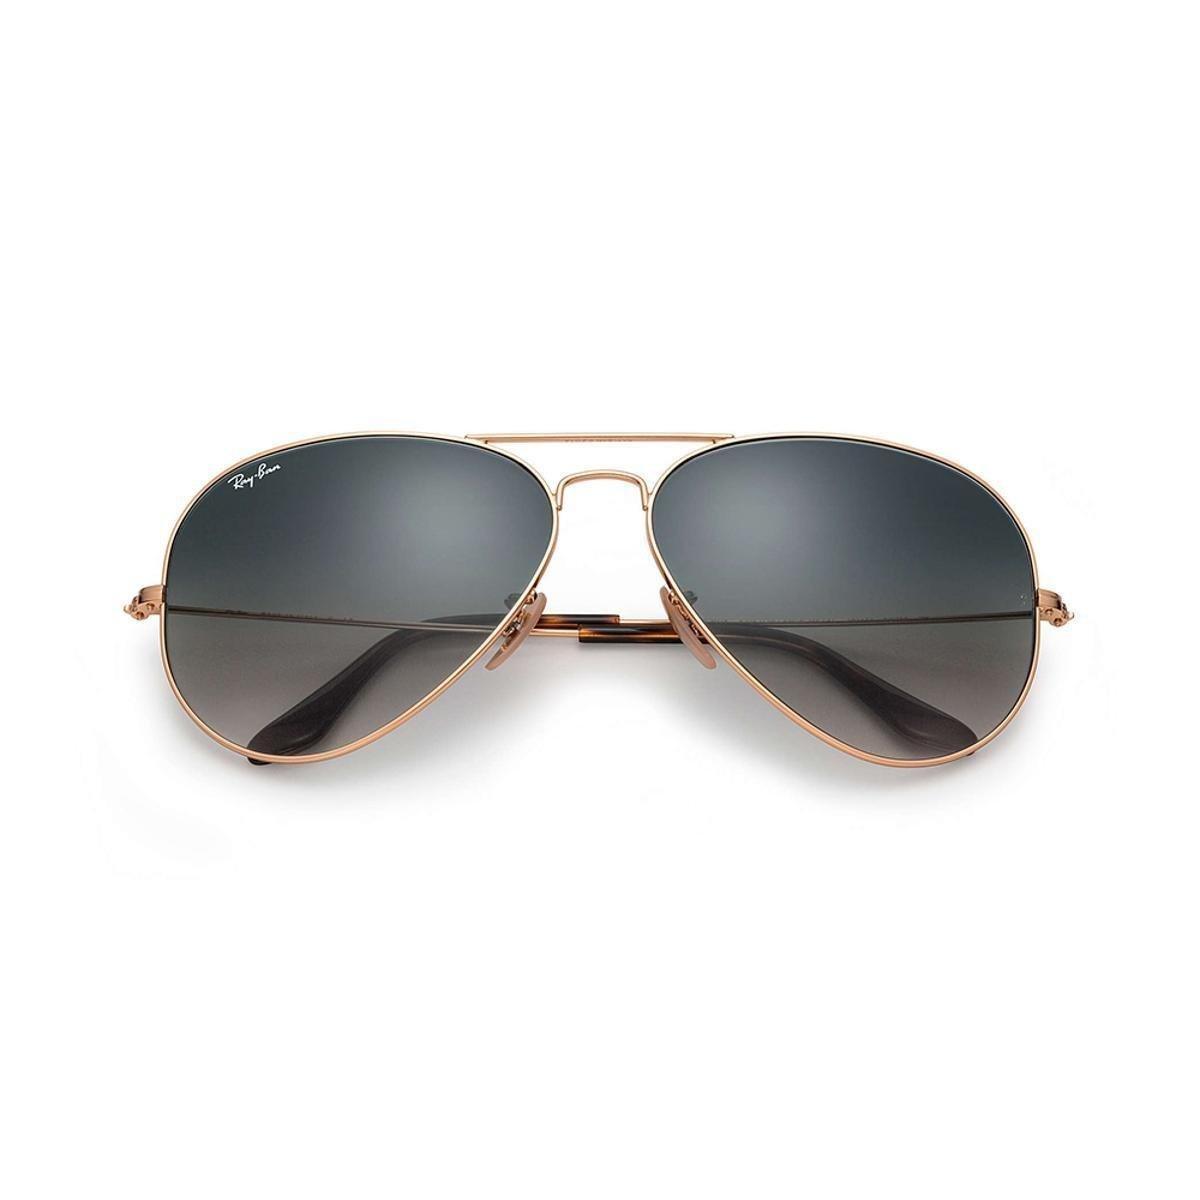 3858d8243fd24 Óculos de Sol Ray-Ban Aviator Feminino - Dourado - Compre Agora ...